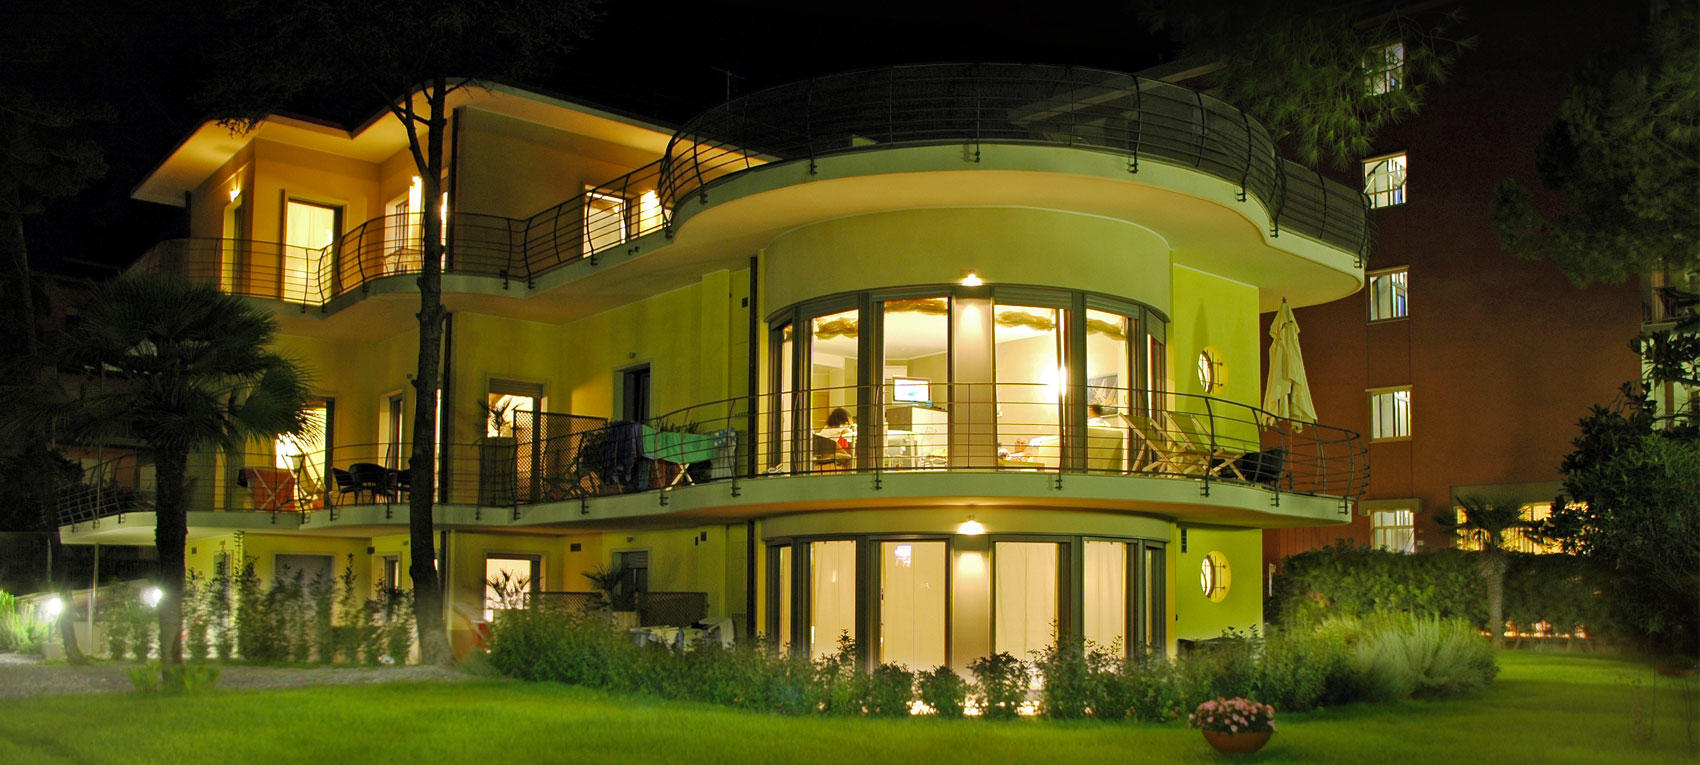 Appartamenti La Vela - San Bartolomeo a mare